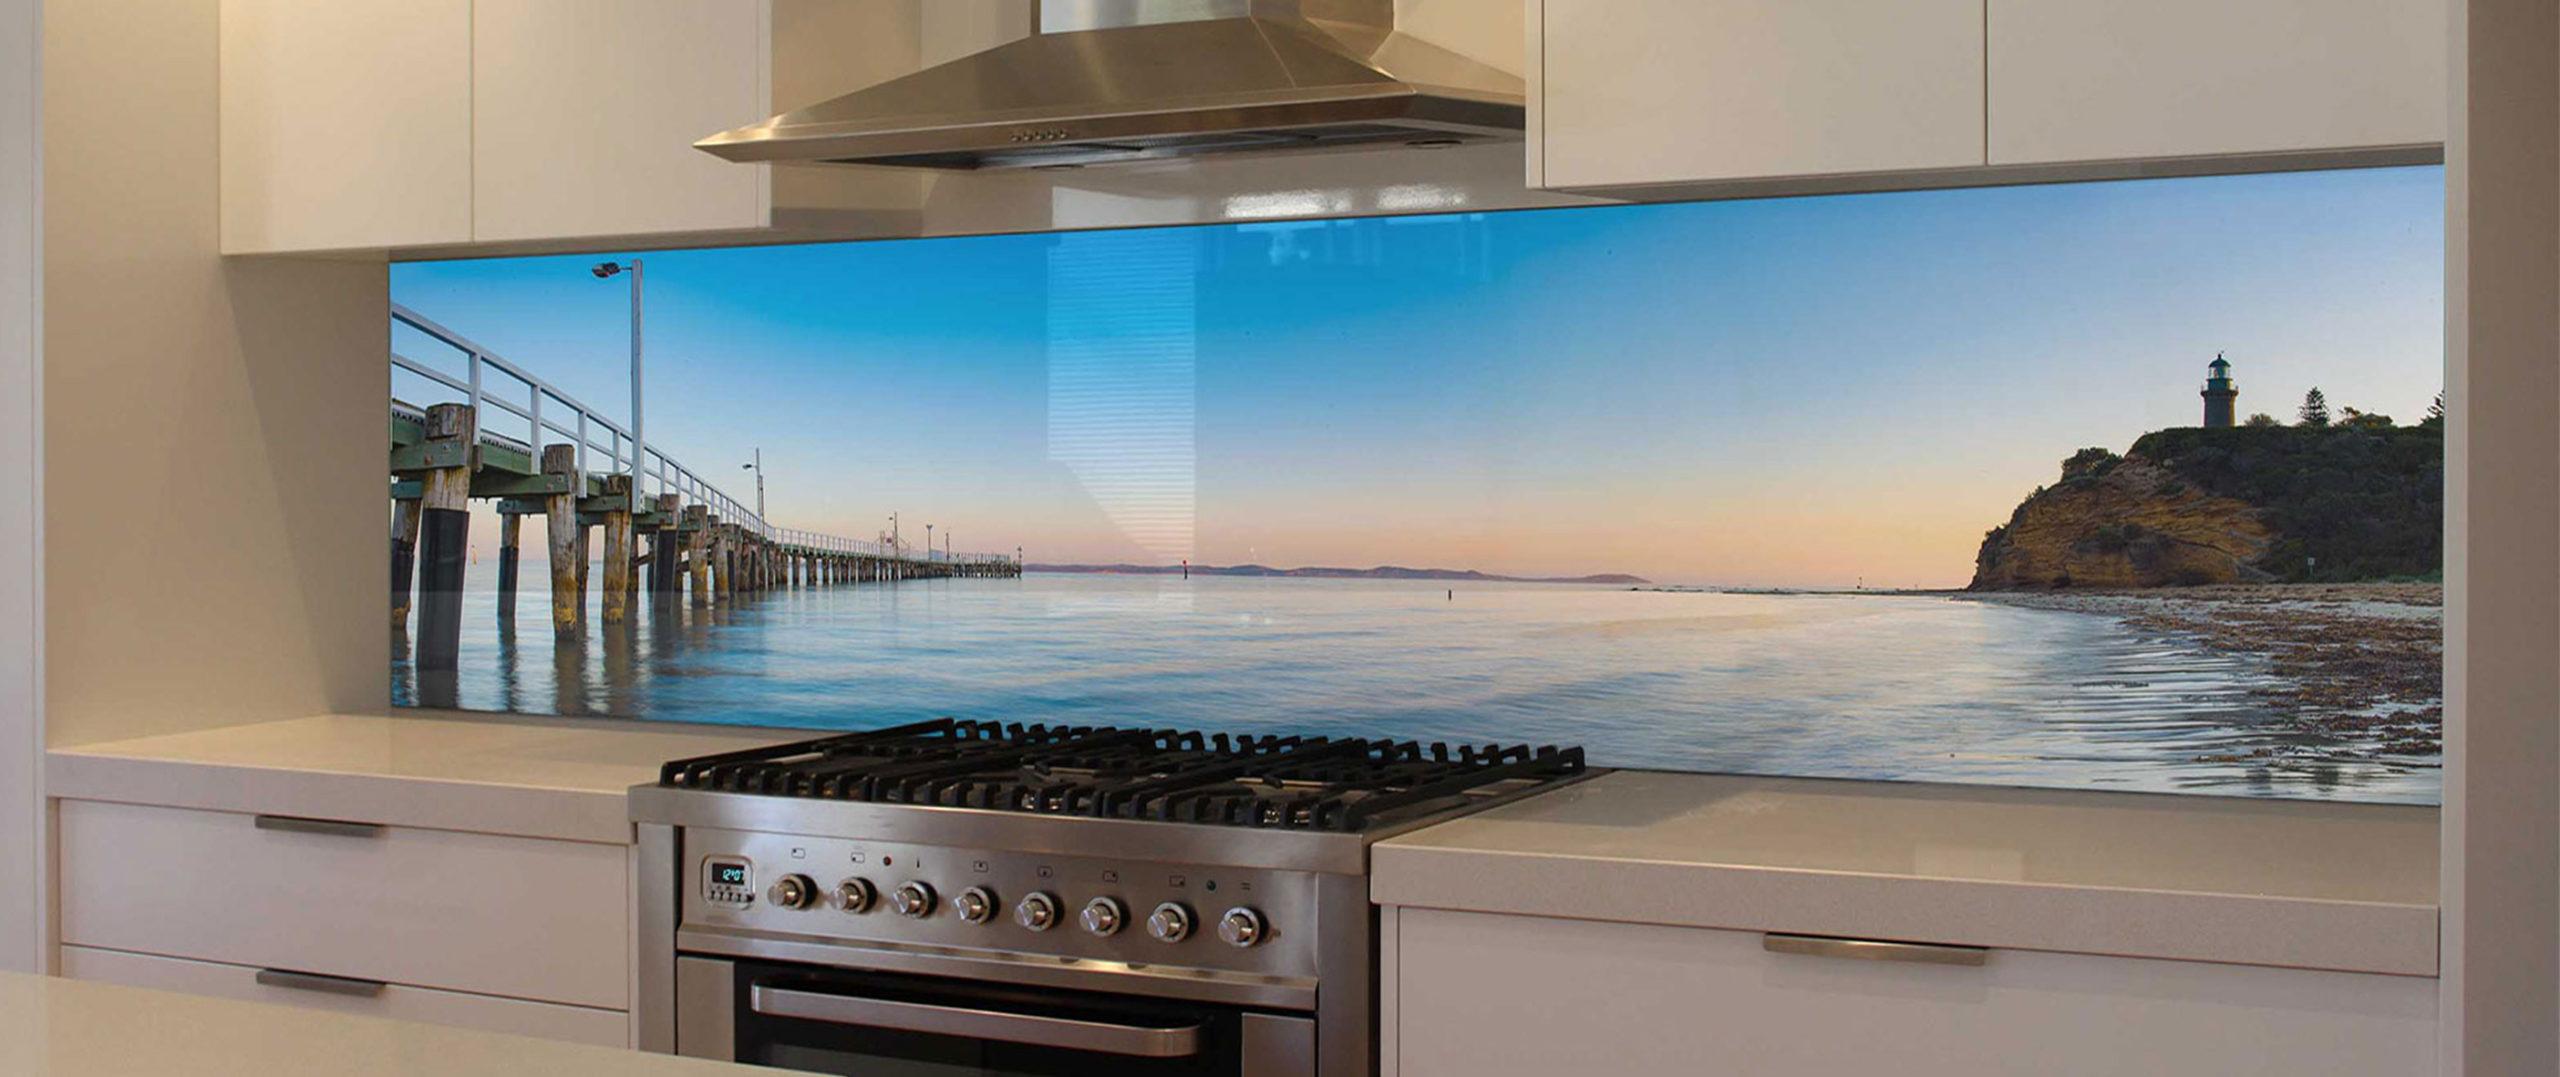 Кухонный фартук — С любимым пейзажем